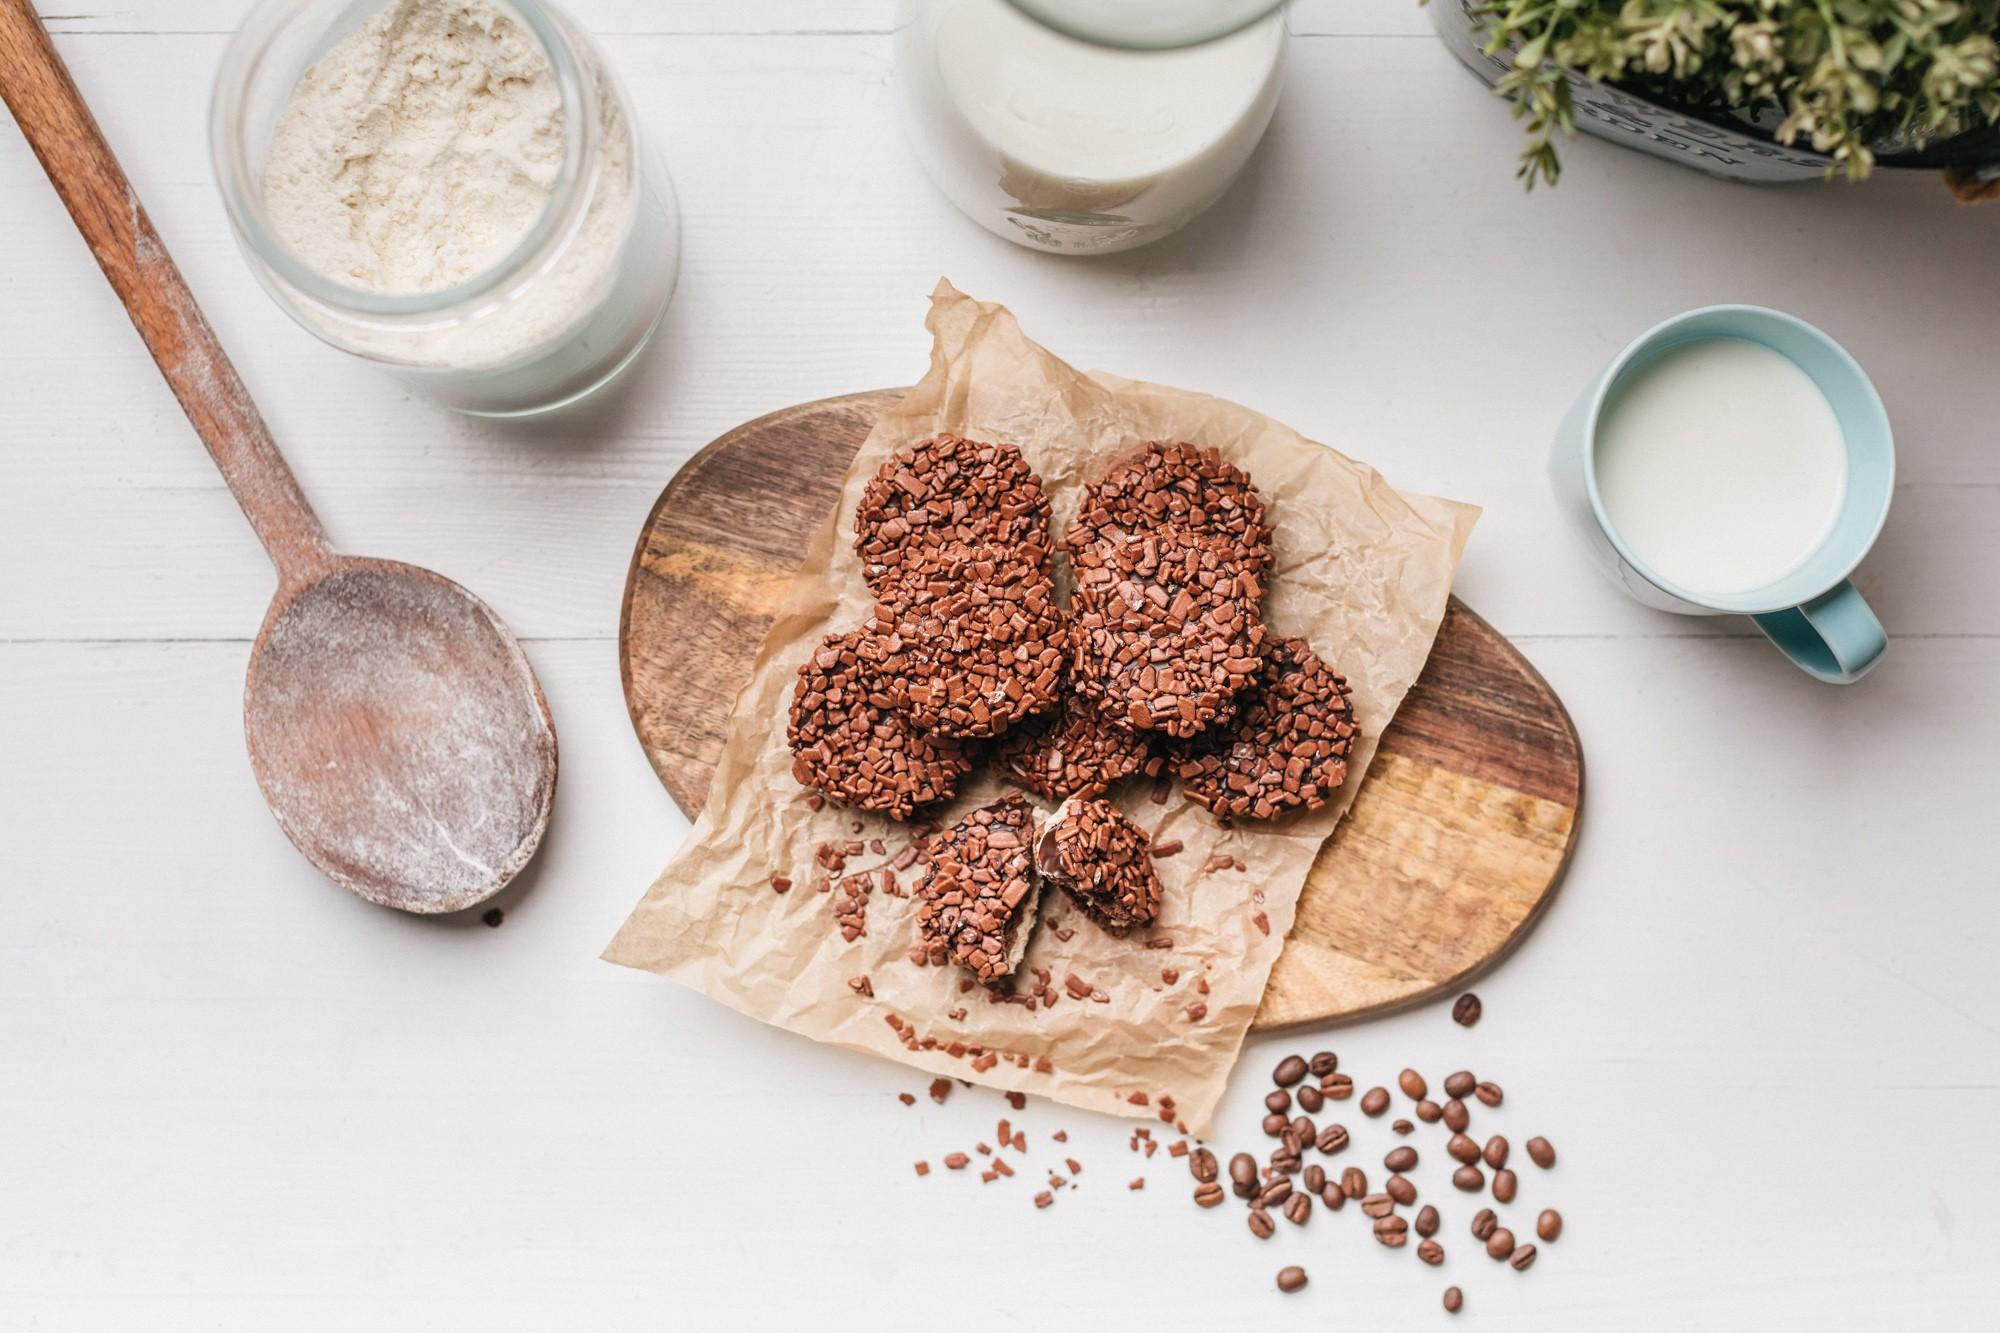 Φωτογράφιση Τροφίμων - Biscotti Τσούγγαρη